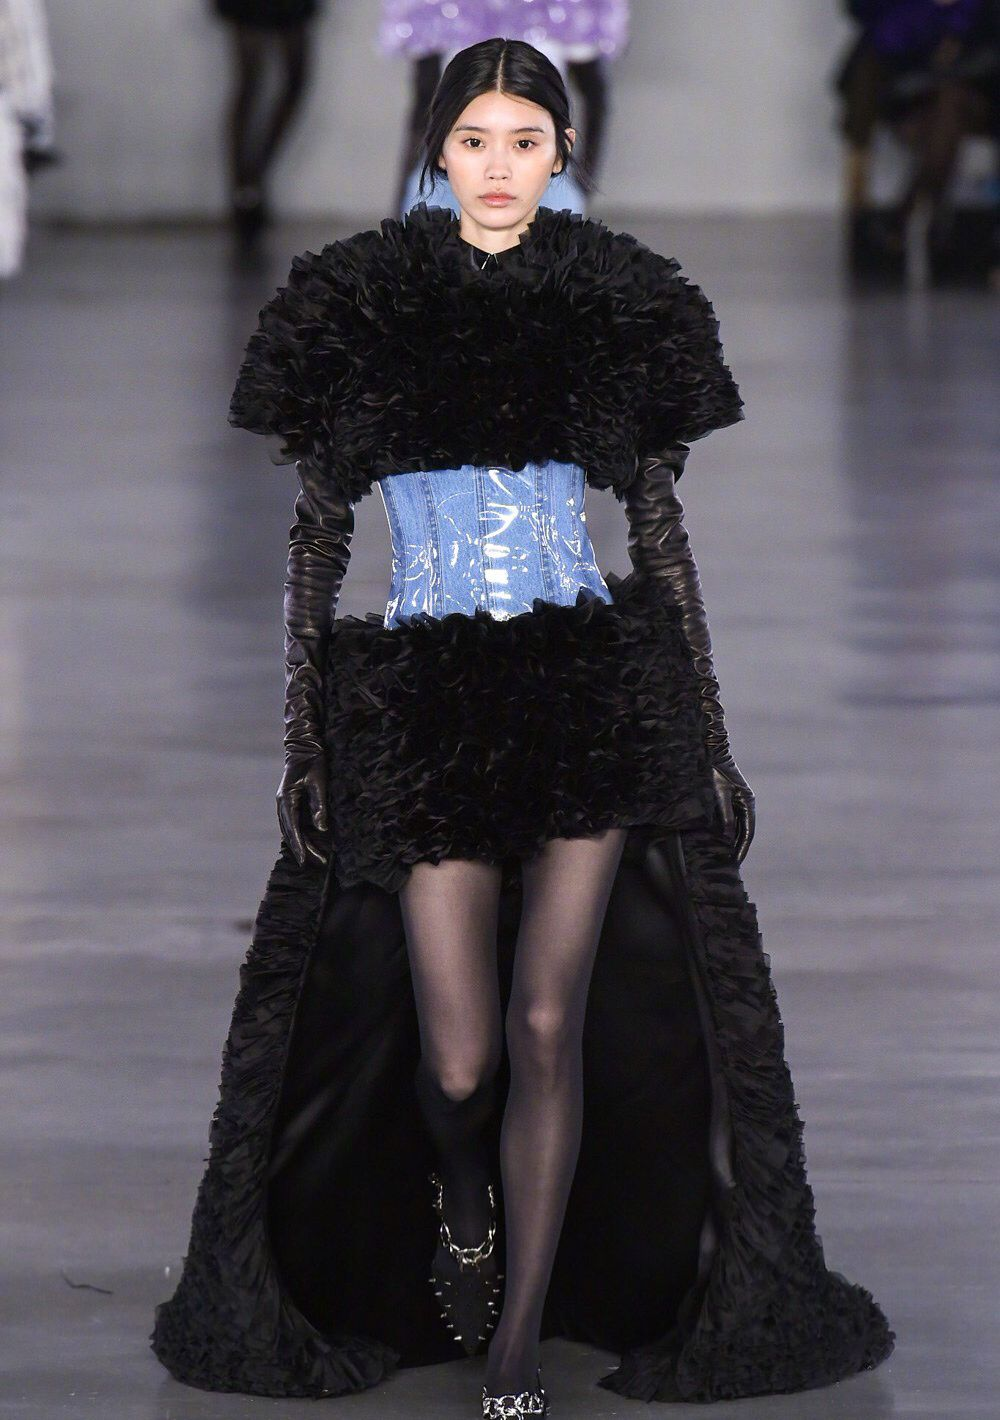 黑丝也可以穿得高级,奚梦瑶、辛芷蕾、崔雪莉、孔孝真教你穿黑丝